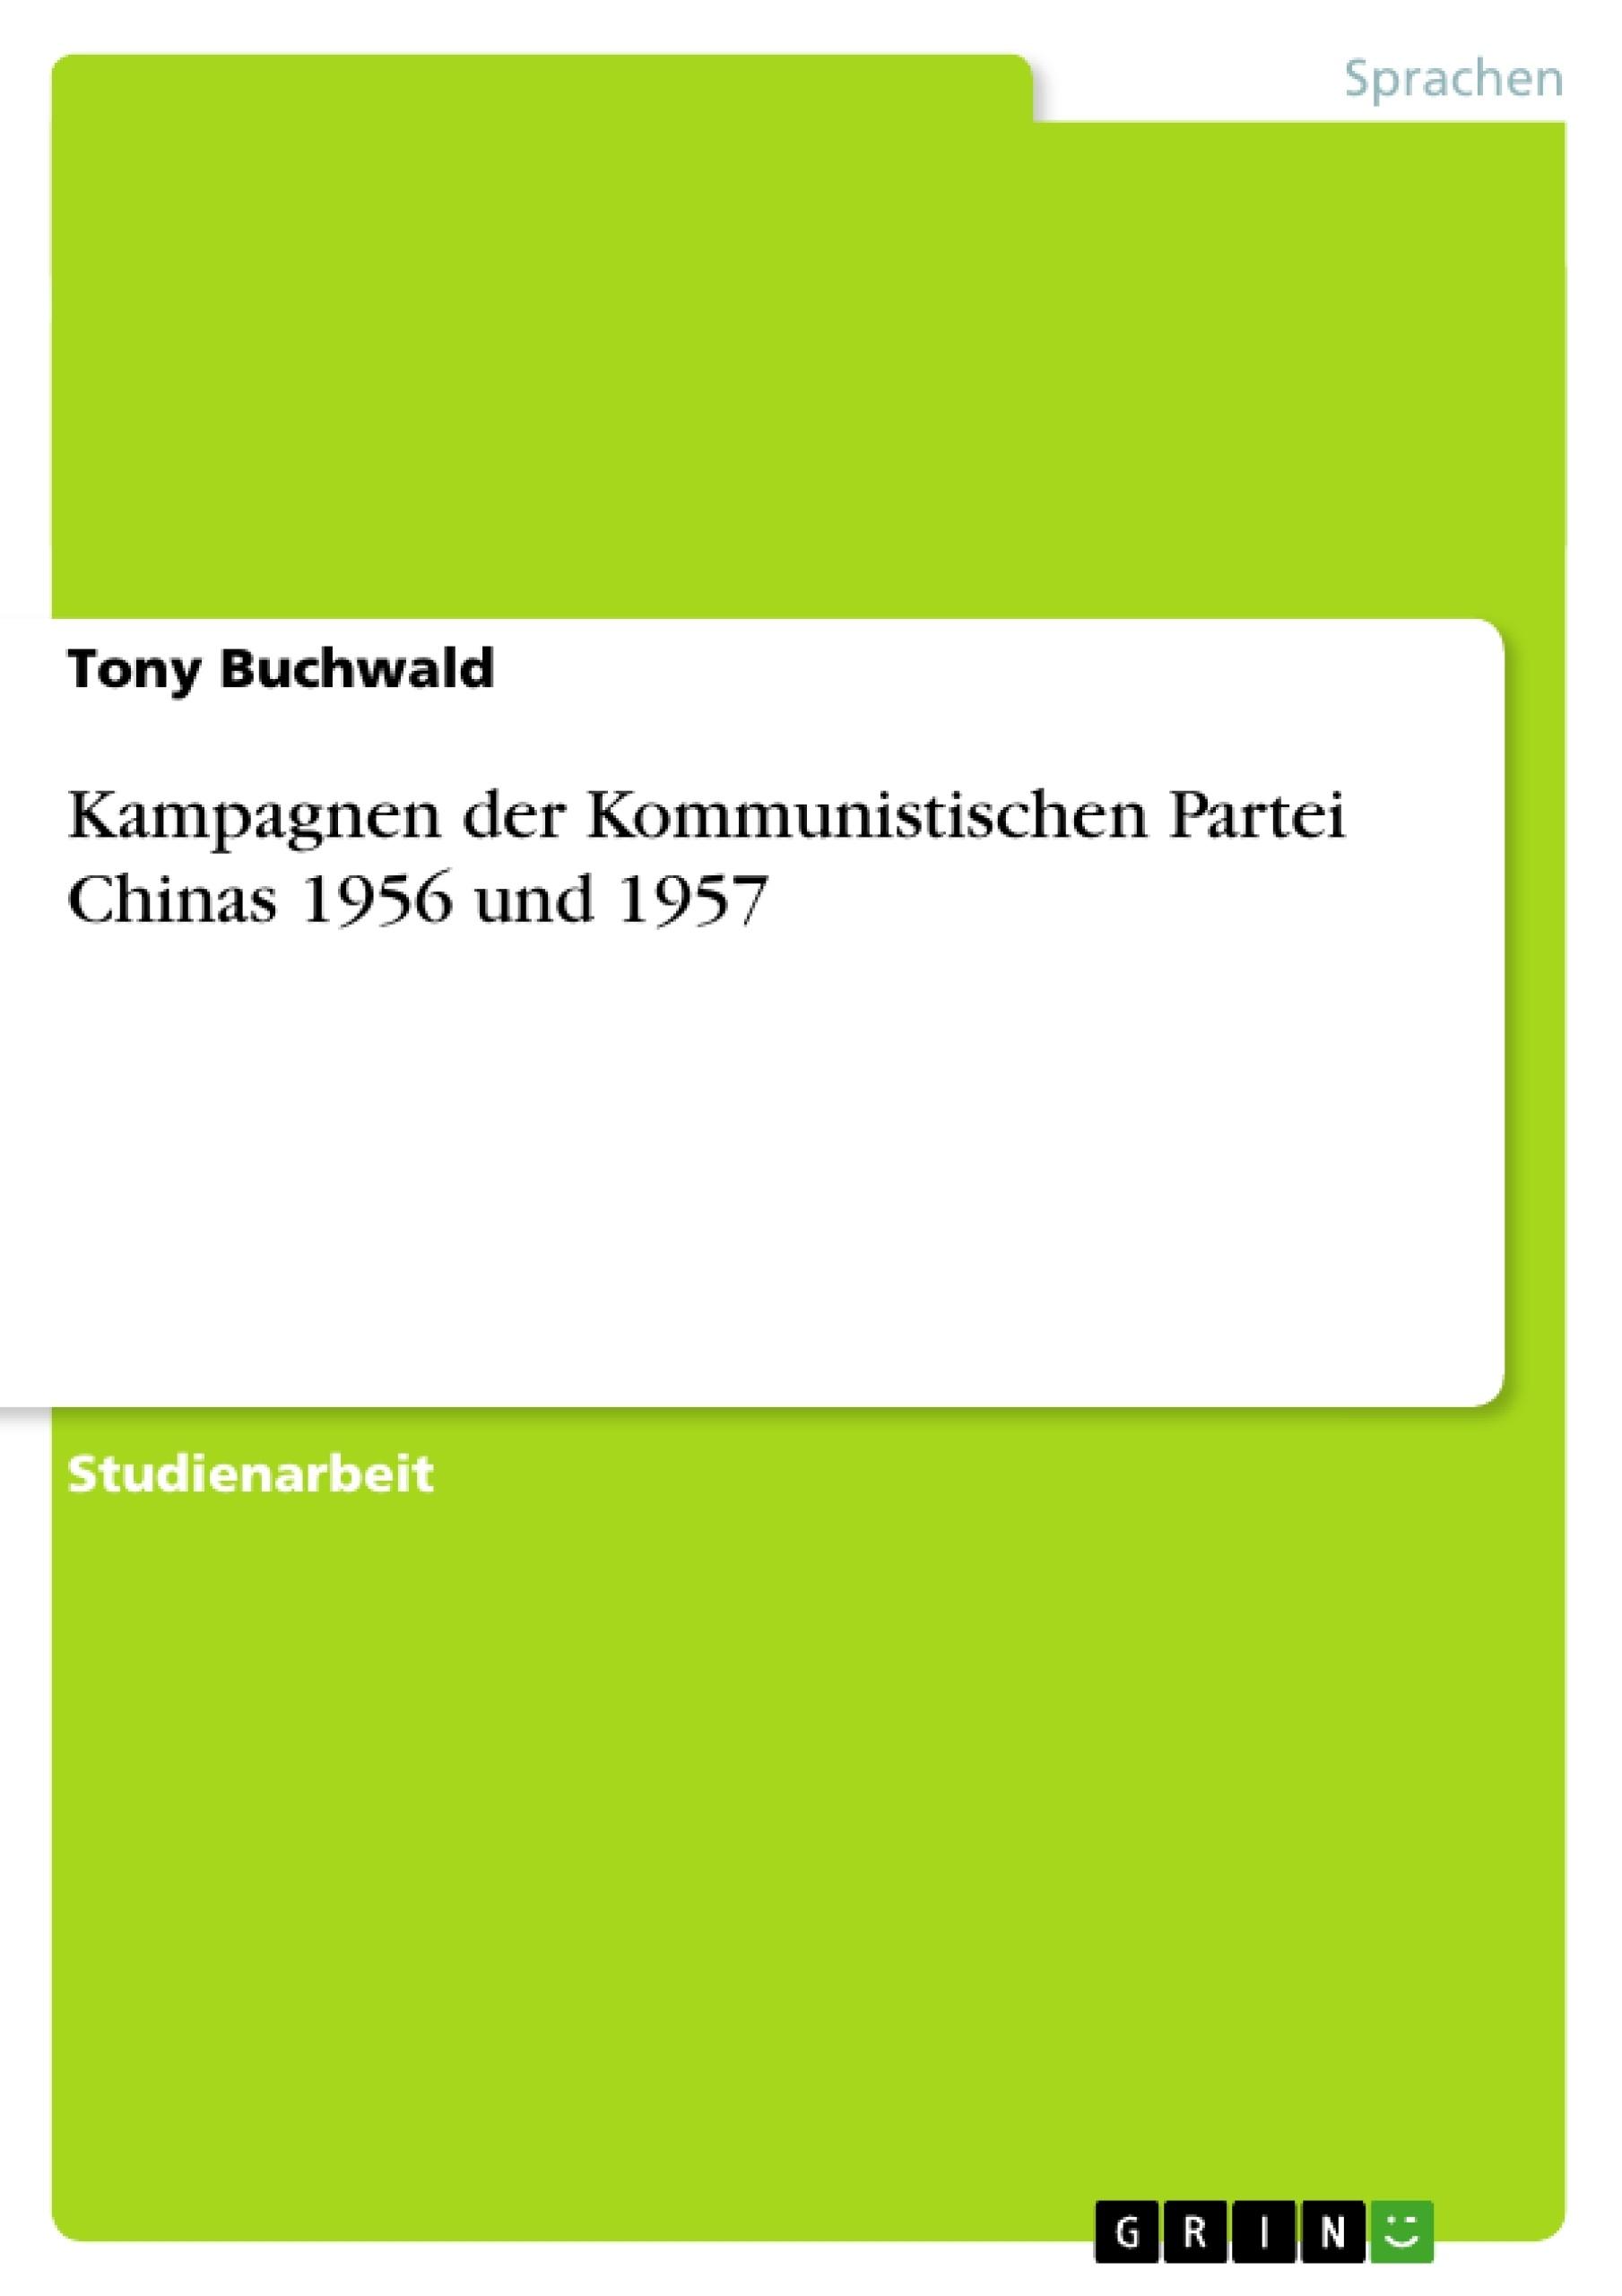 Titel: Kampagnen der Kommunistischen Partei Chinas 1956 und 1957